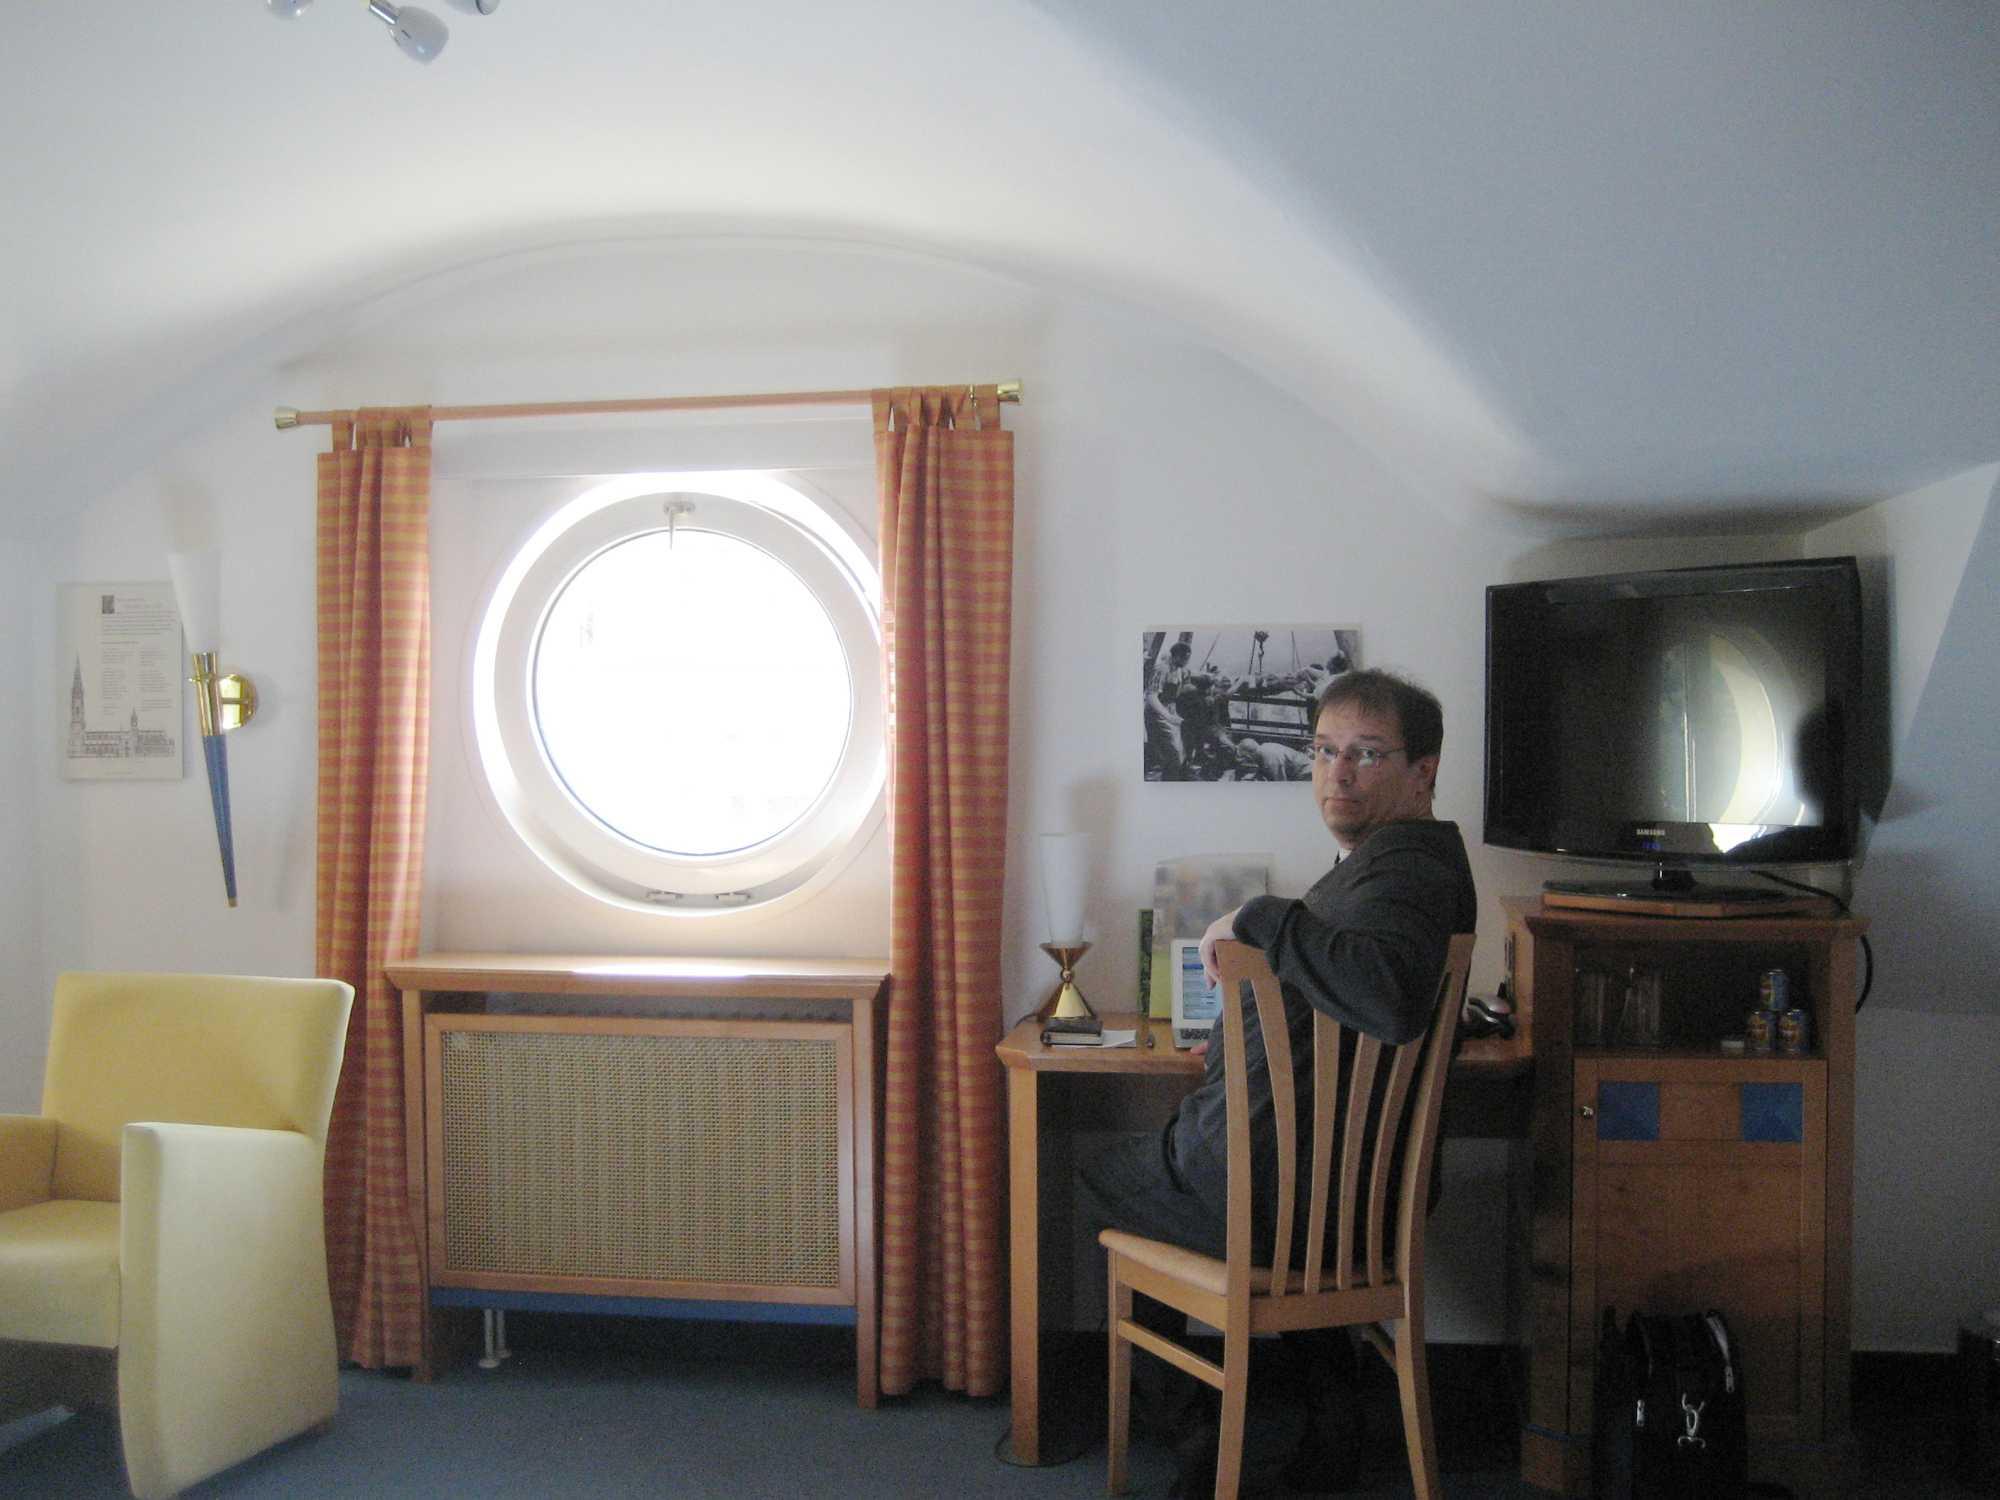 Selbstportrait im Hotel: Während Lesereisen schreibt Andreas Eschbach an seinem jeweiligen Roman weiter.